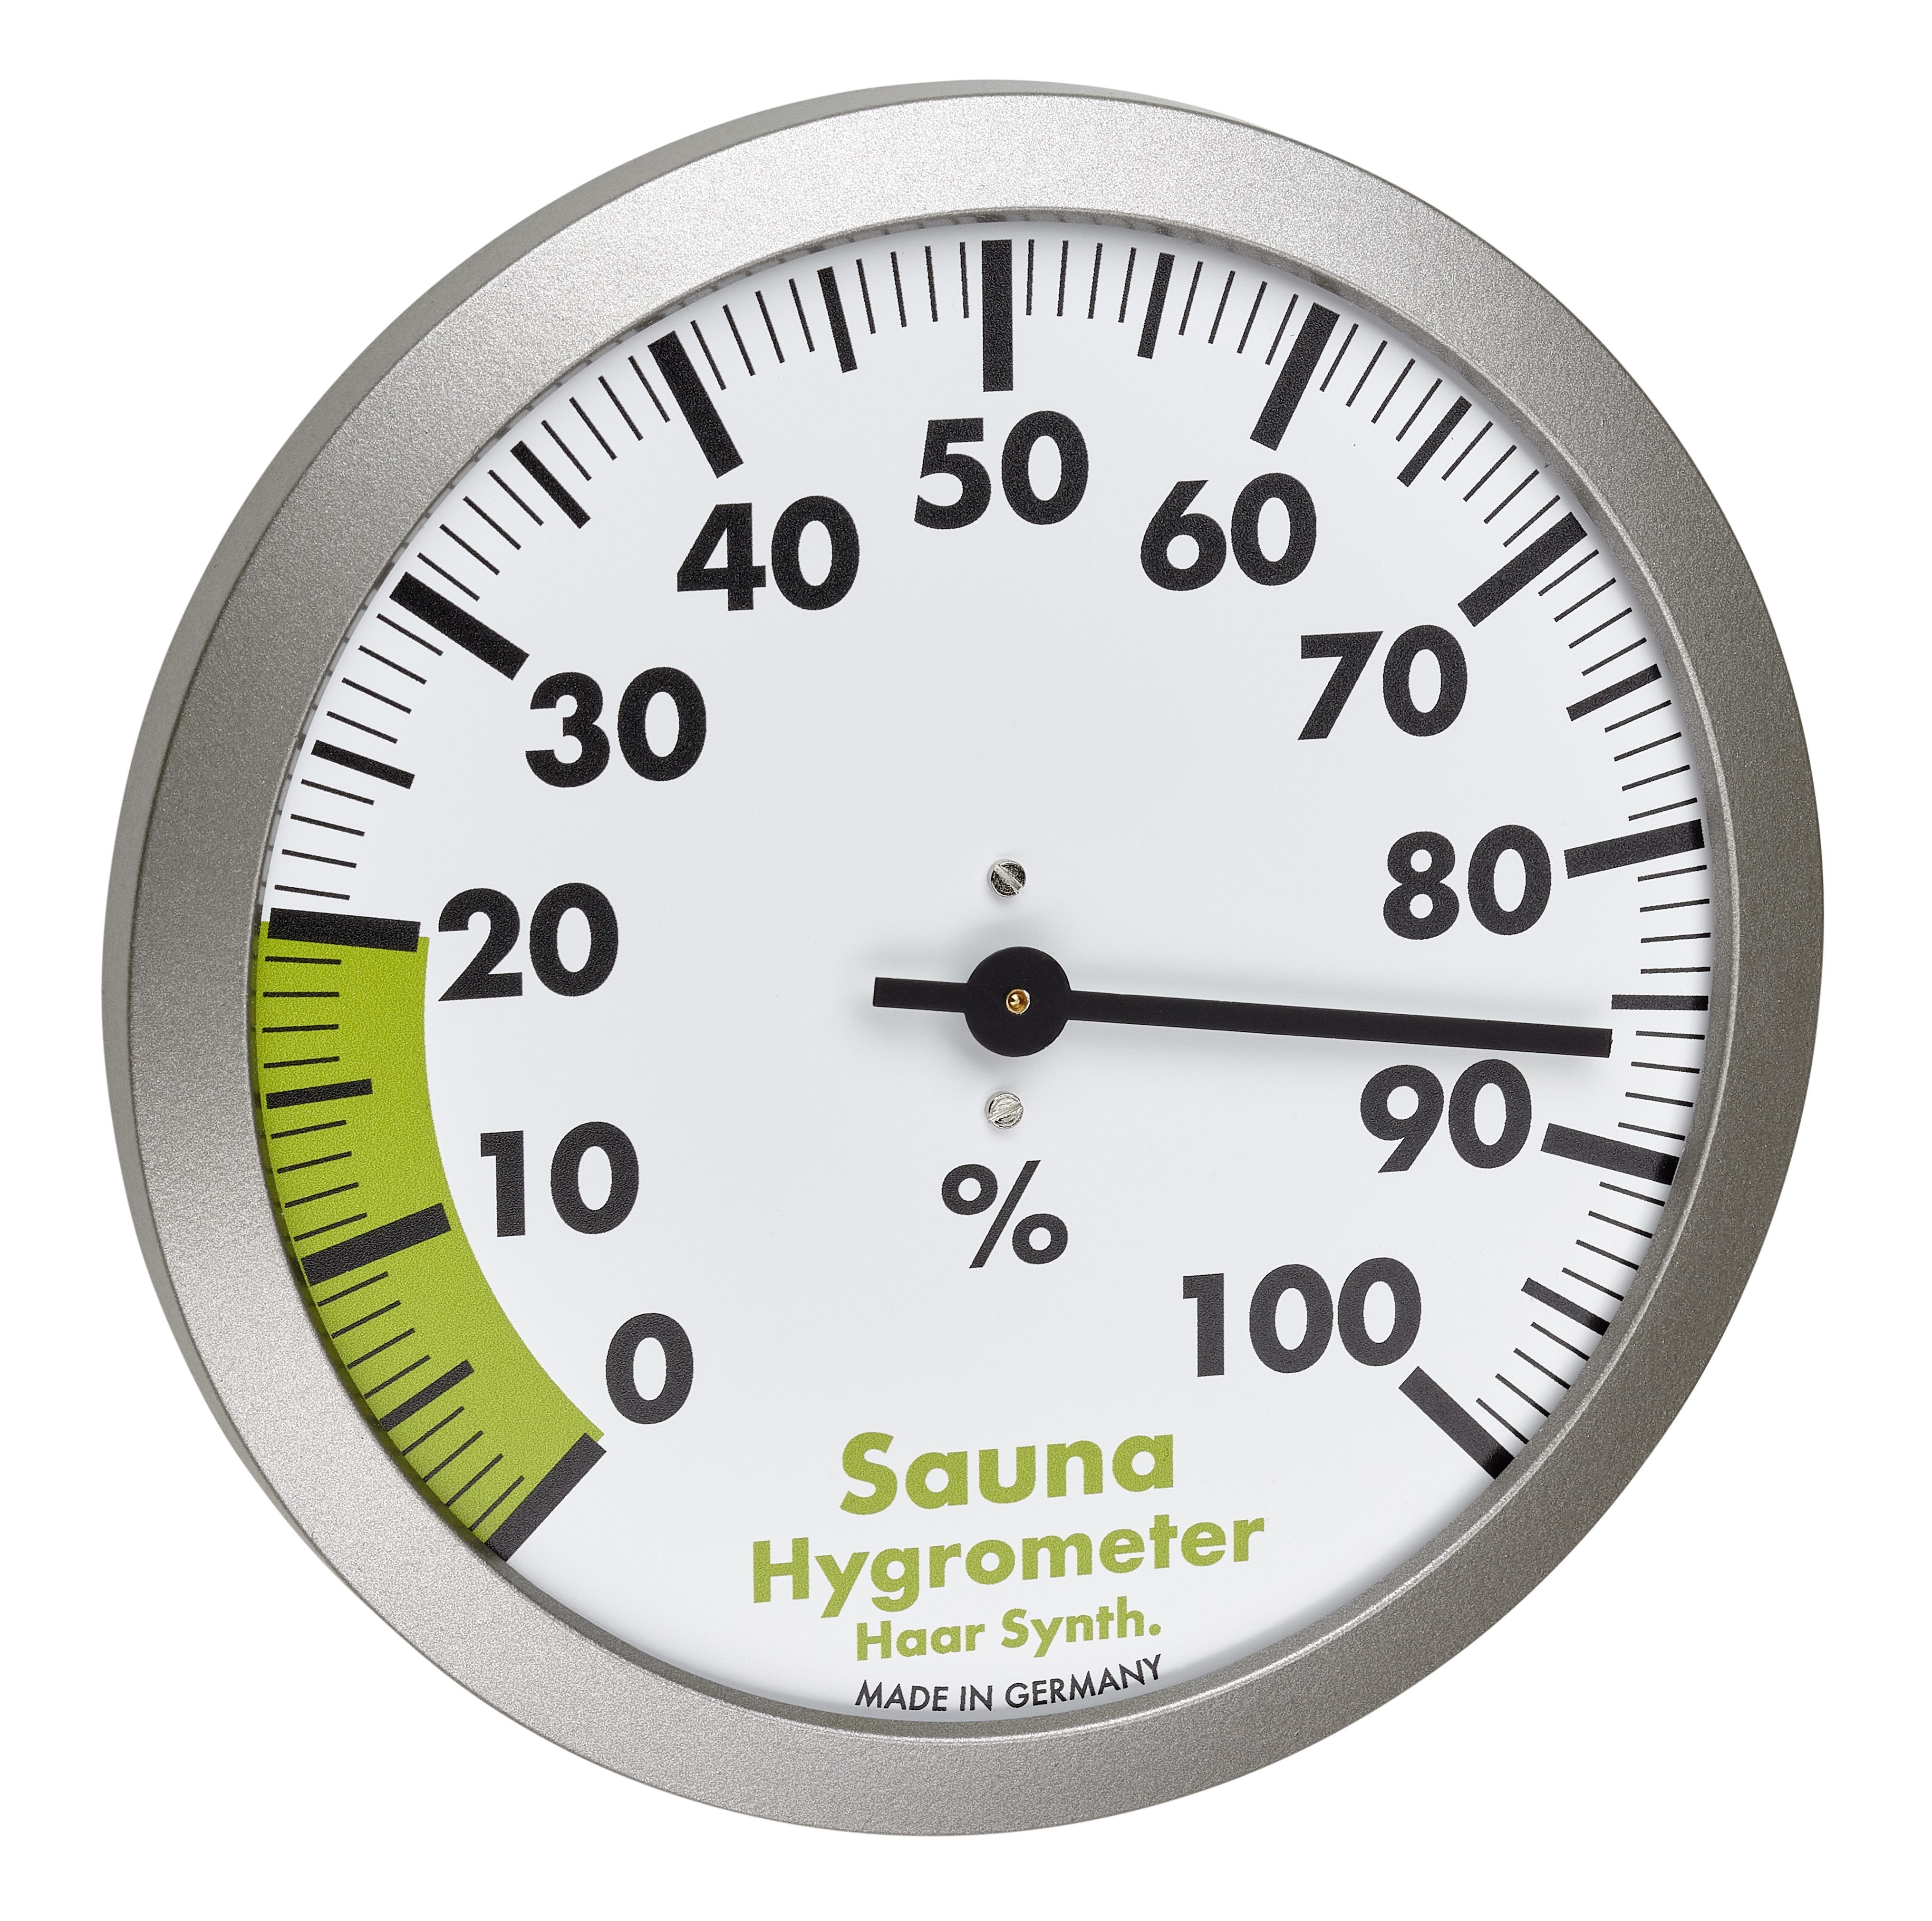 Sauna-Hygrometer, Ø 120mm